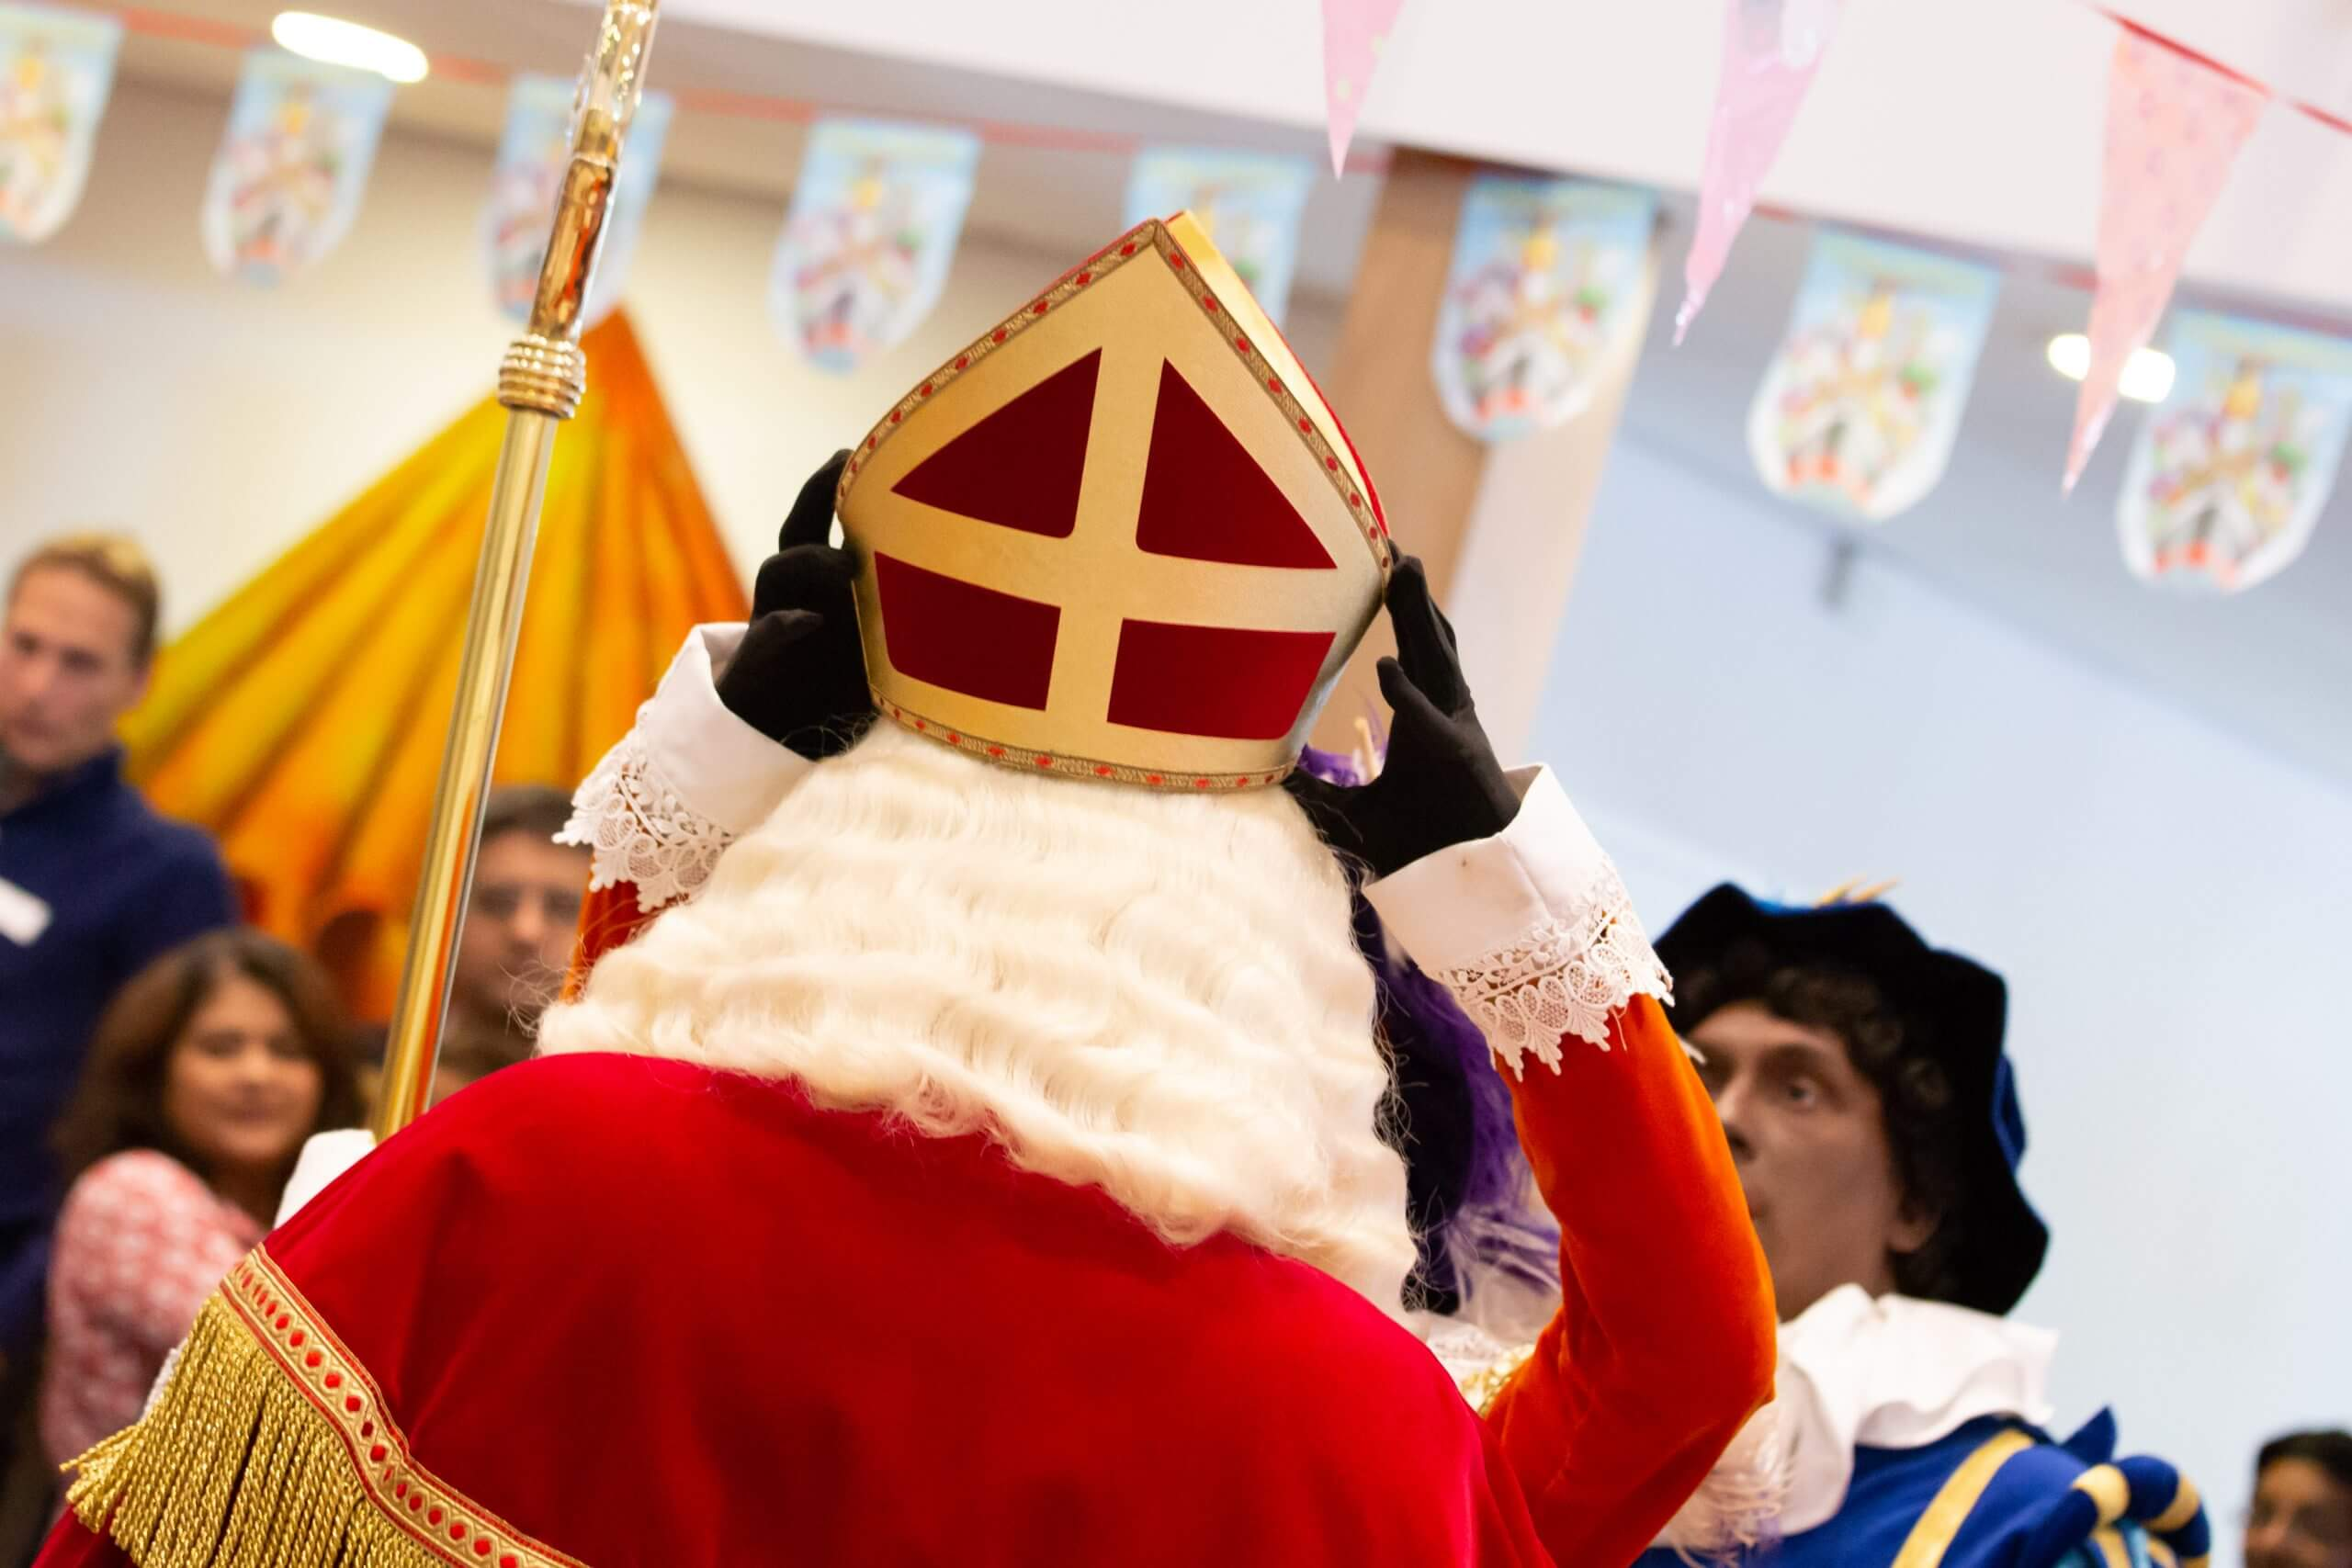 Tips bezoek van Sinterklaas sinterklaasfeest in Den Bosch